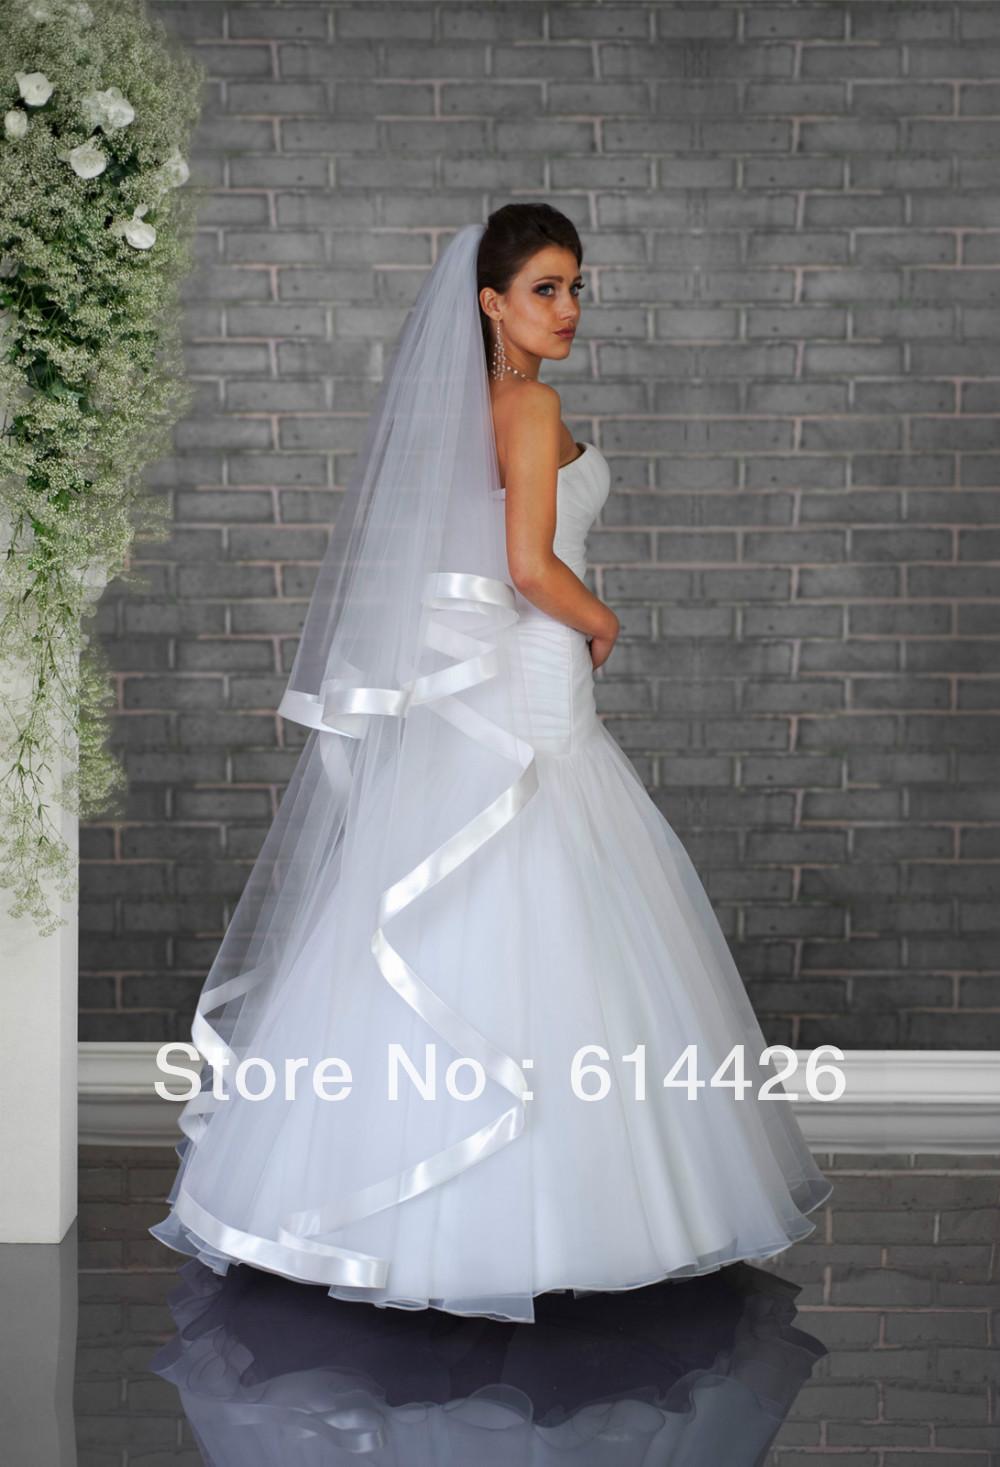 Белое Платье Белое Фата С Доставкой